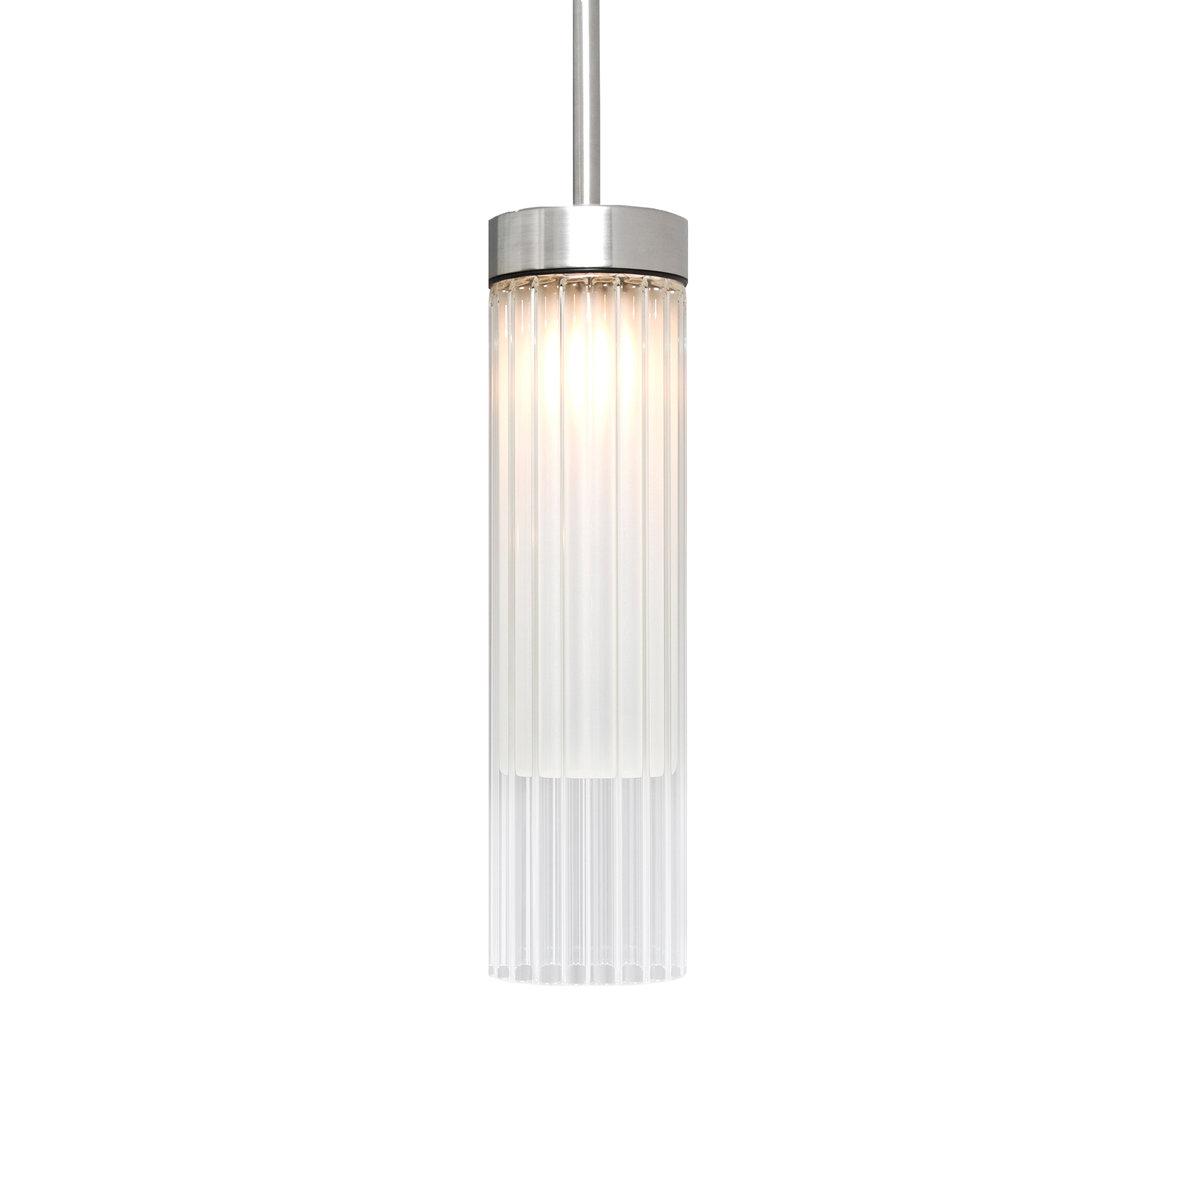 Penne IP Rated Bathroom Light main image